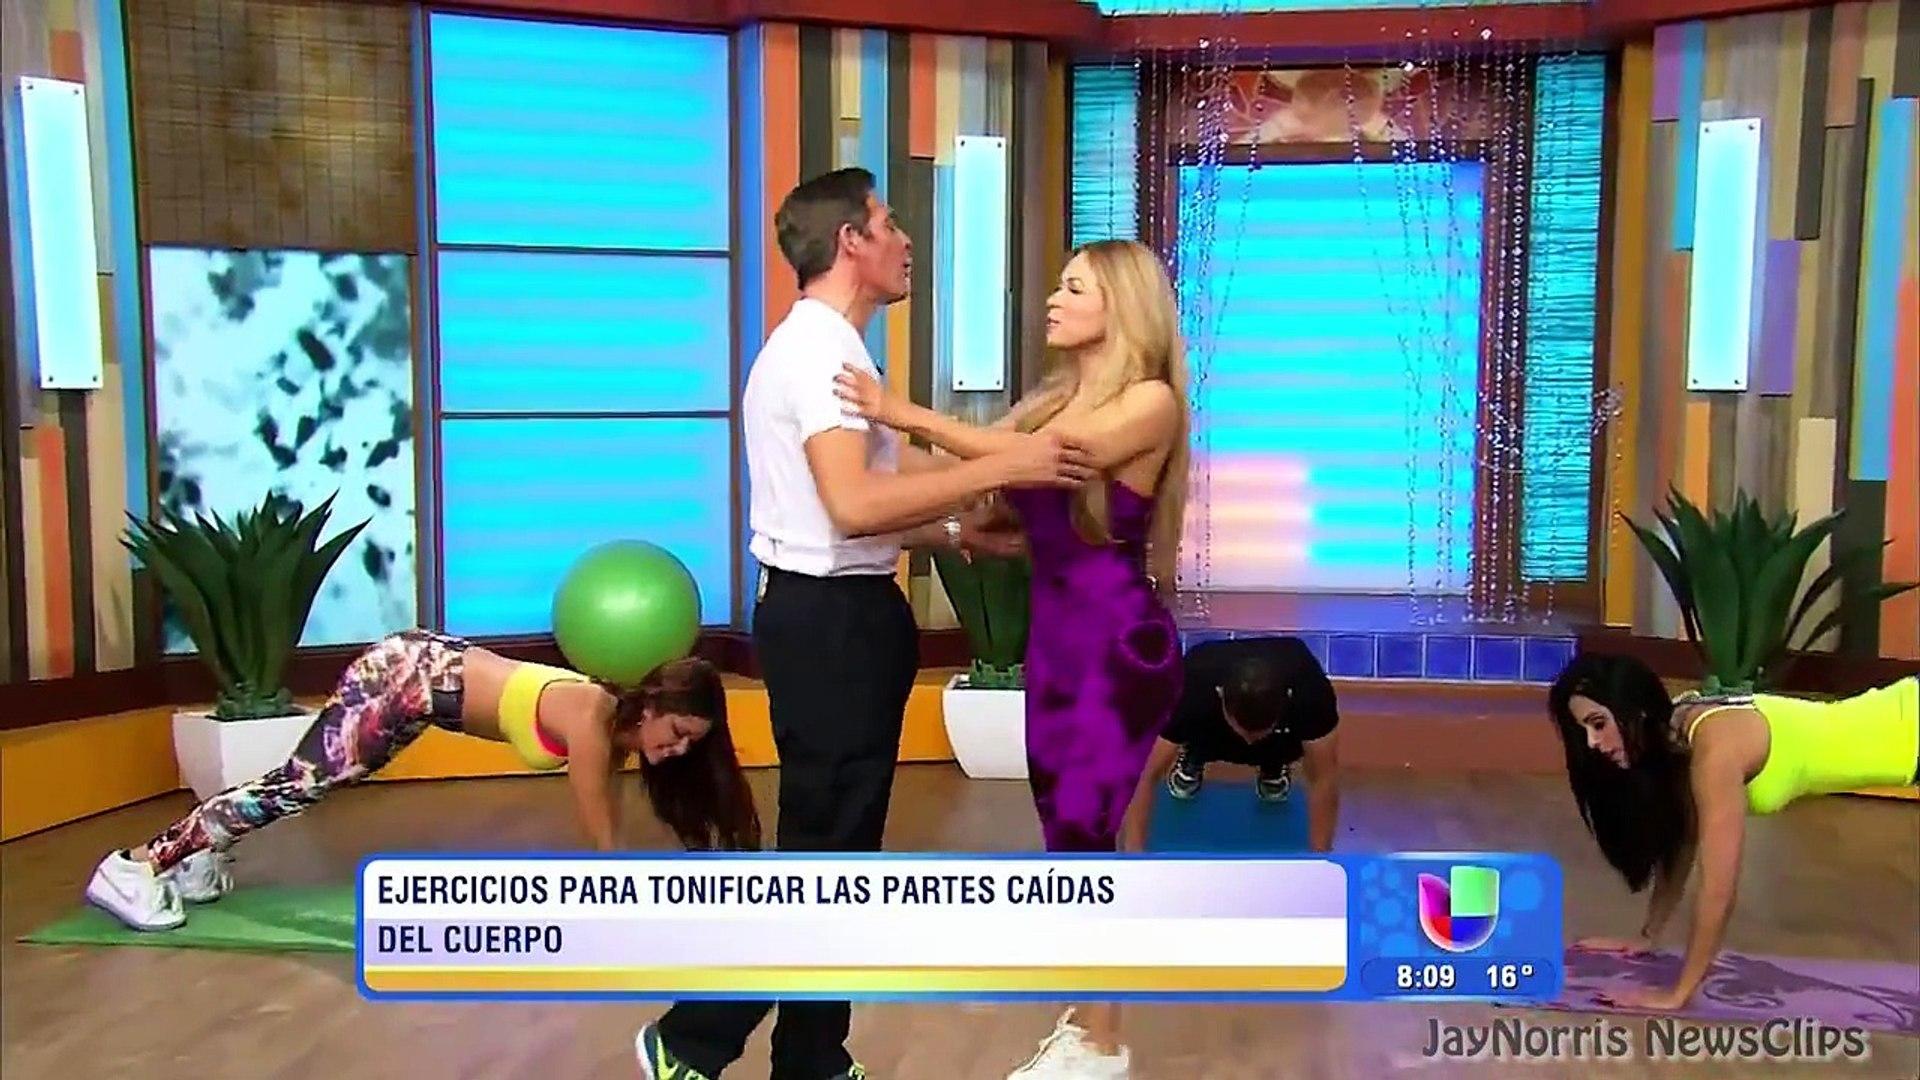 Claudia Molina hot body, big tits & BOOTY 2 17 15